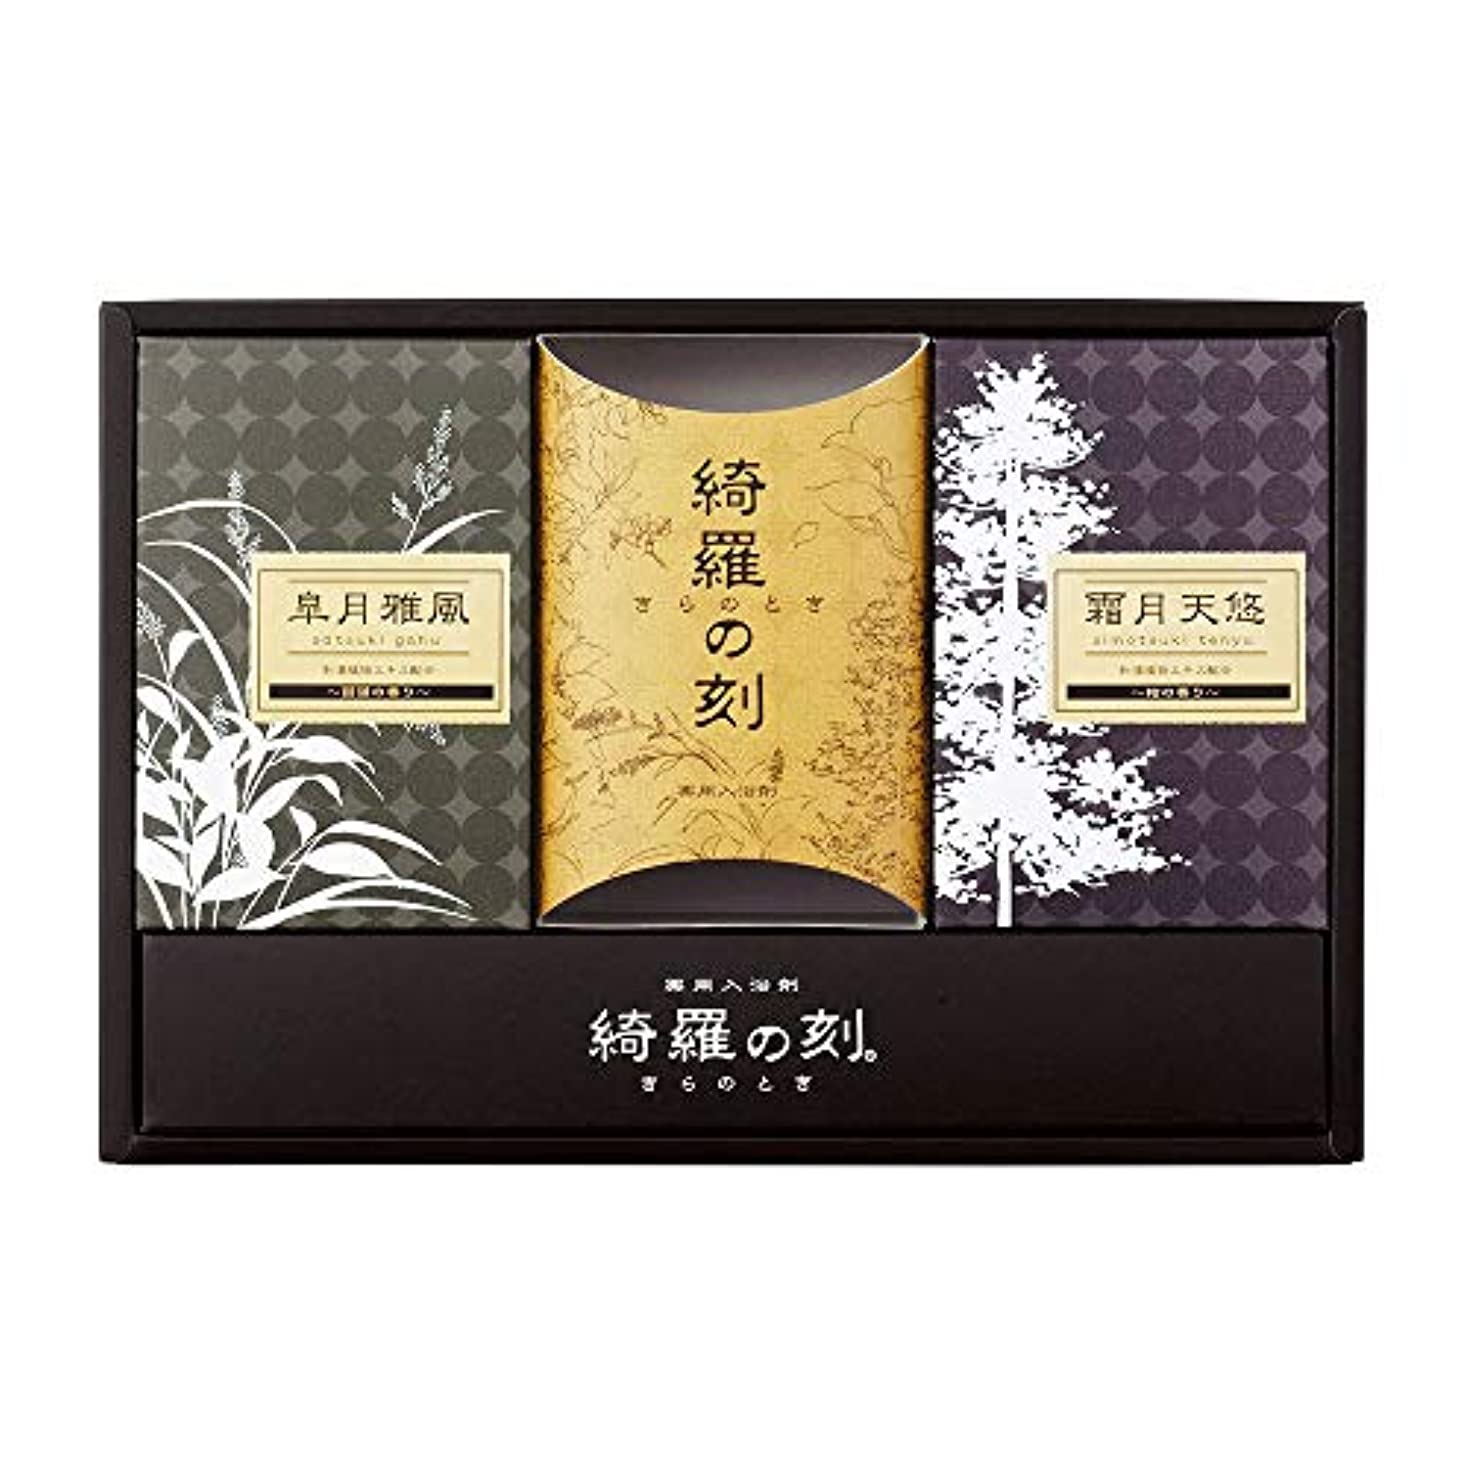 のれん管理ケーブル綺羅の刻 薬用ギフト KRA-10 入浴剤ギフト